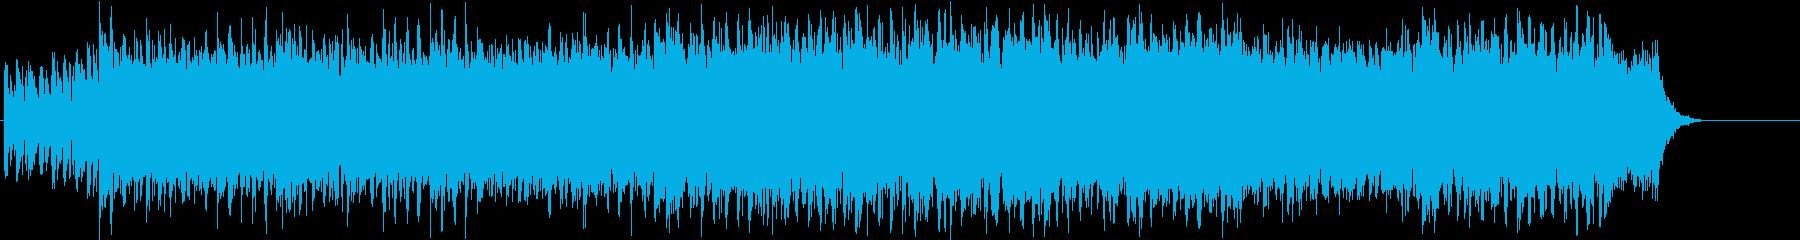 ディスコ 流行 スピード 追跡 報道の再生済みの波形